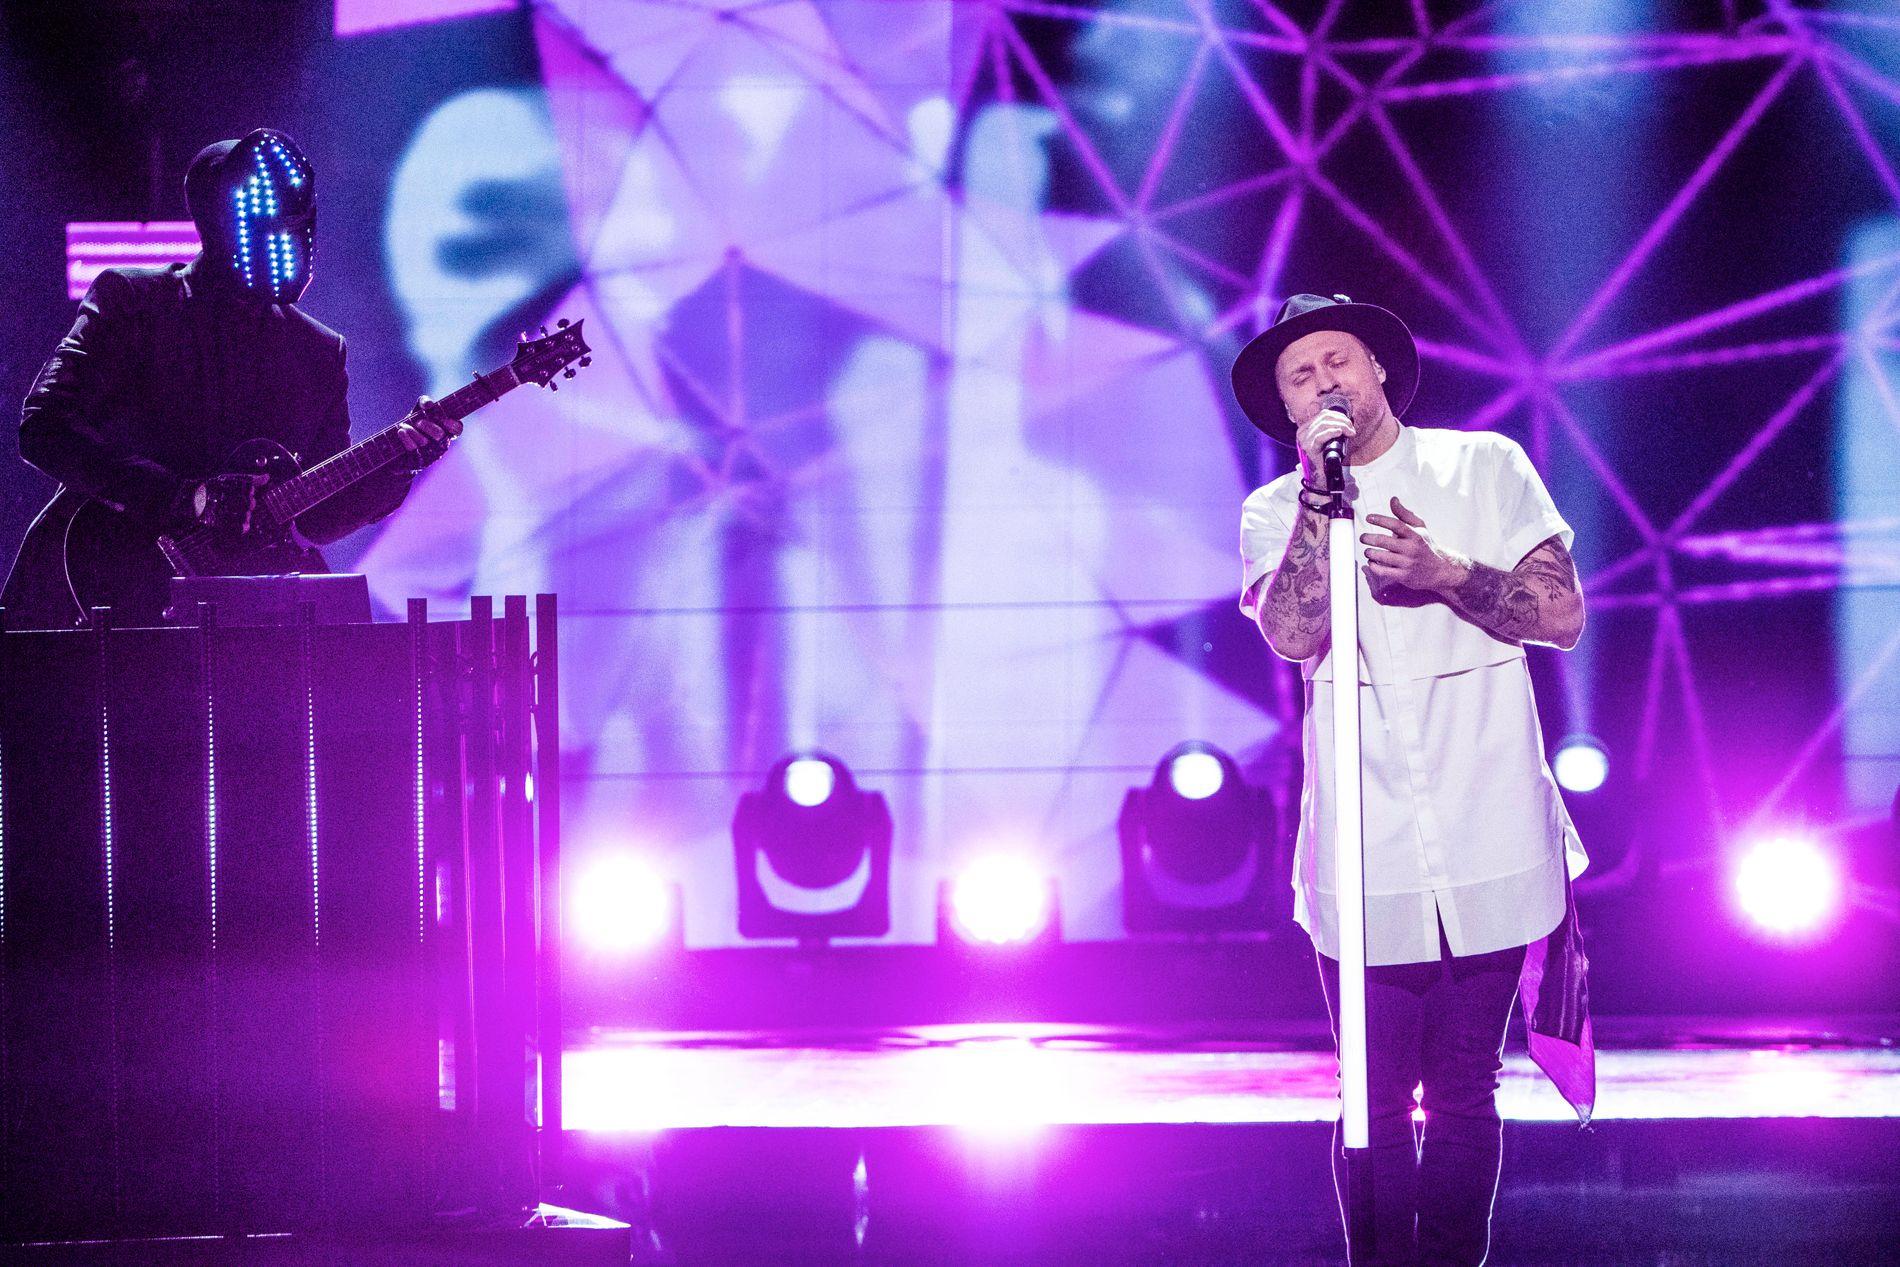 ÅRETS MGP-VINNER: JOWST var favoritten til både de norske seerne og den internasjonale juryen. Deres låt «Grab the moment» gikk helt til topps i lørdagens Melodi Grand Prix-finale, og nå skal de representere Norge i Eurovision-finalen i Kiev i mai.